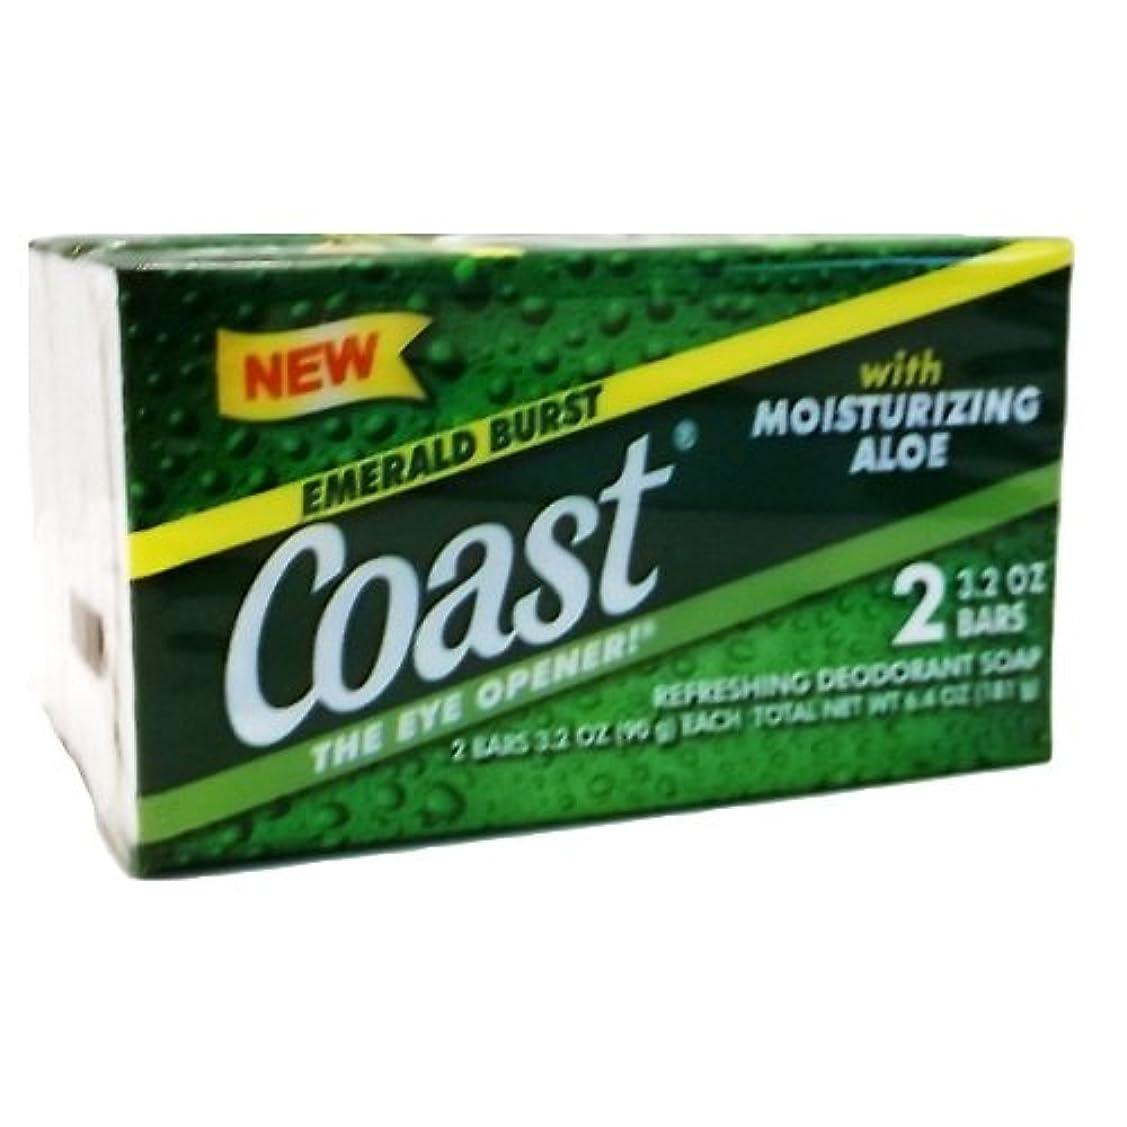 華氏繰り返したニンニクコースト(Coast) 石けんエメラルドバースト2個入り×24パック(48個)